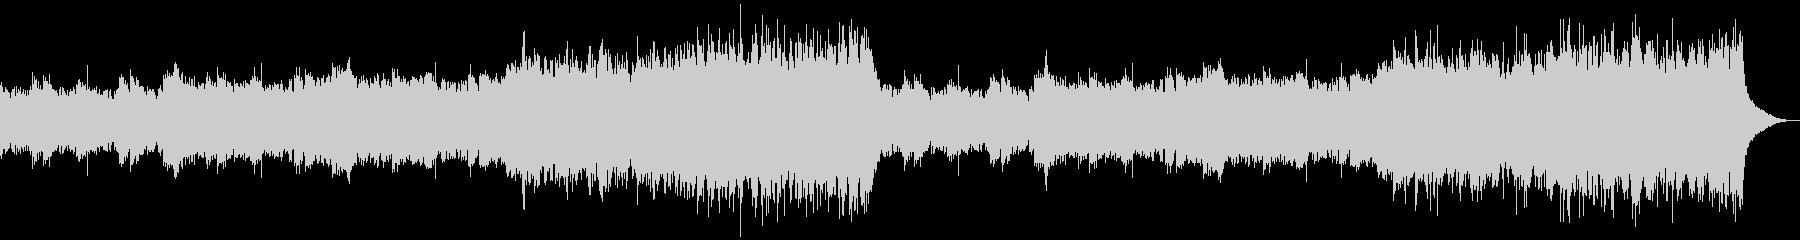 企業VP映像、152オーケストラ、爽快aの未再生の波形